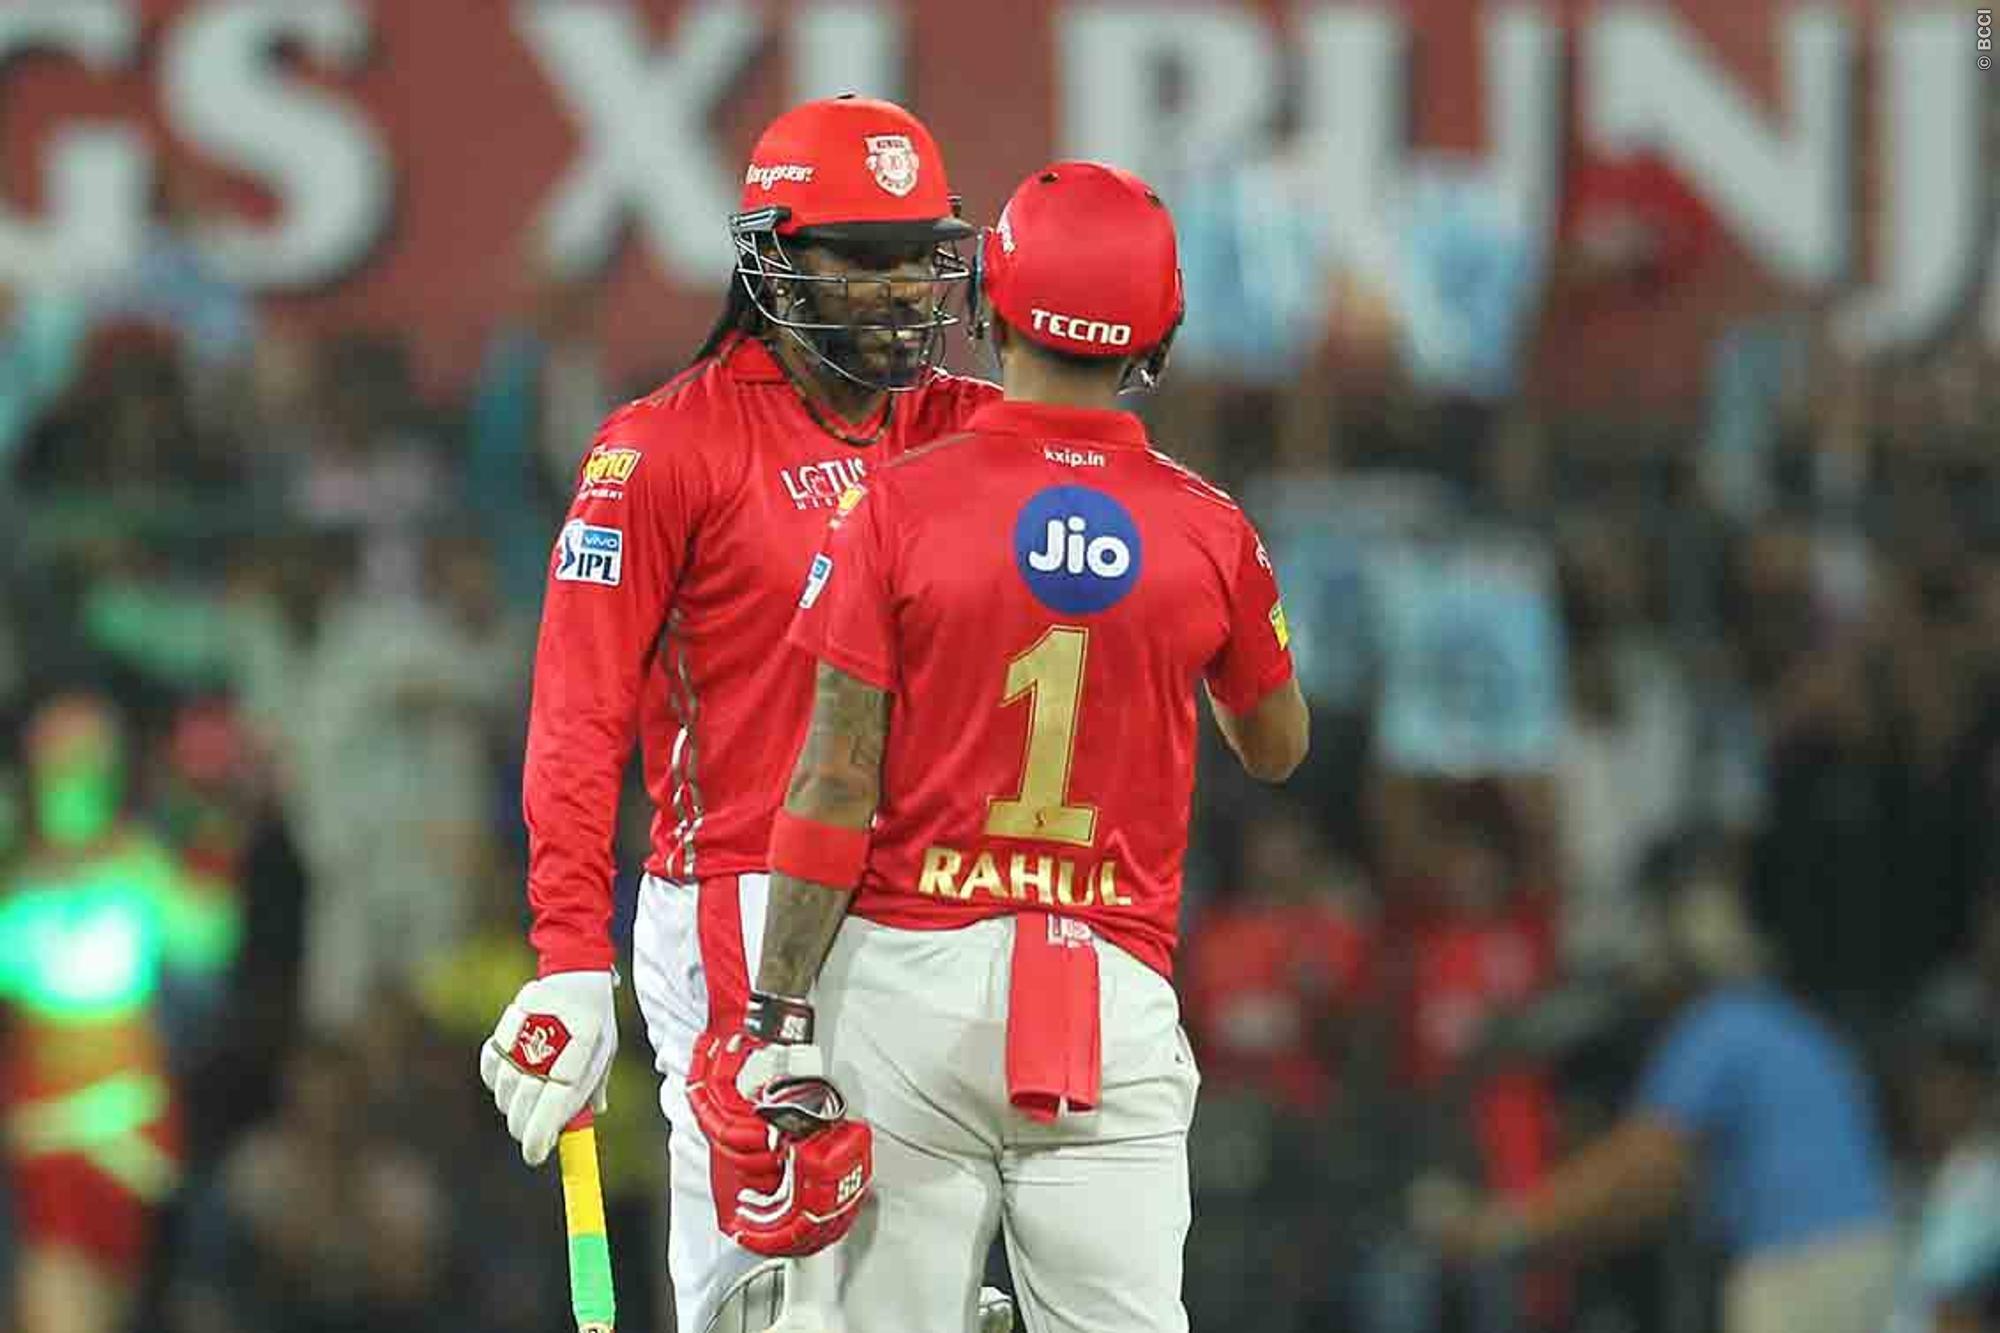 पंजाब की हार की बाद फैन्स ने अश्विन से लगाई इस खिलाड़ी को बाहर करने की गुहार, तो सोशल मीडिया पर छाए रो-हिट 25